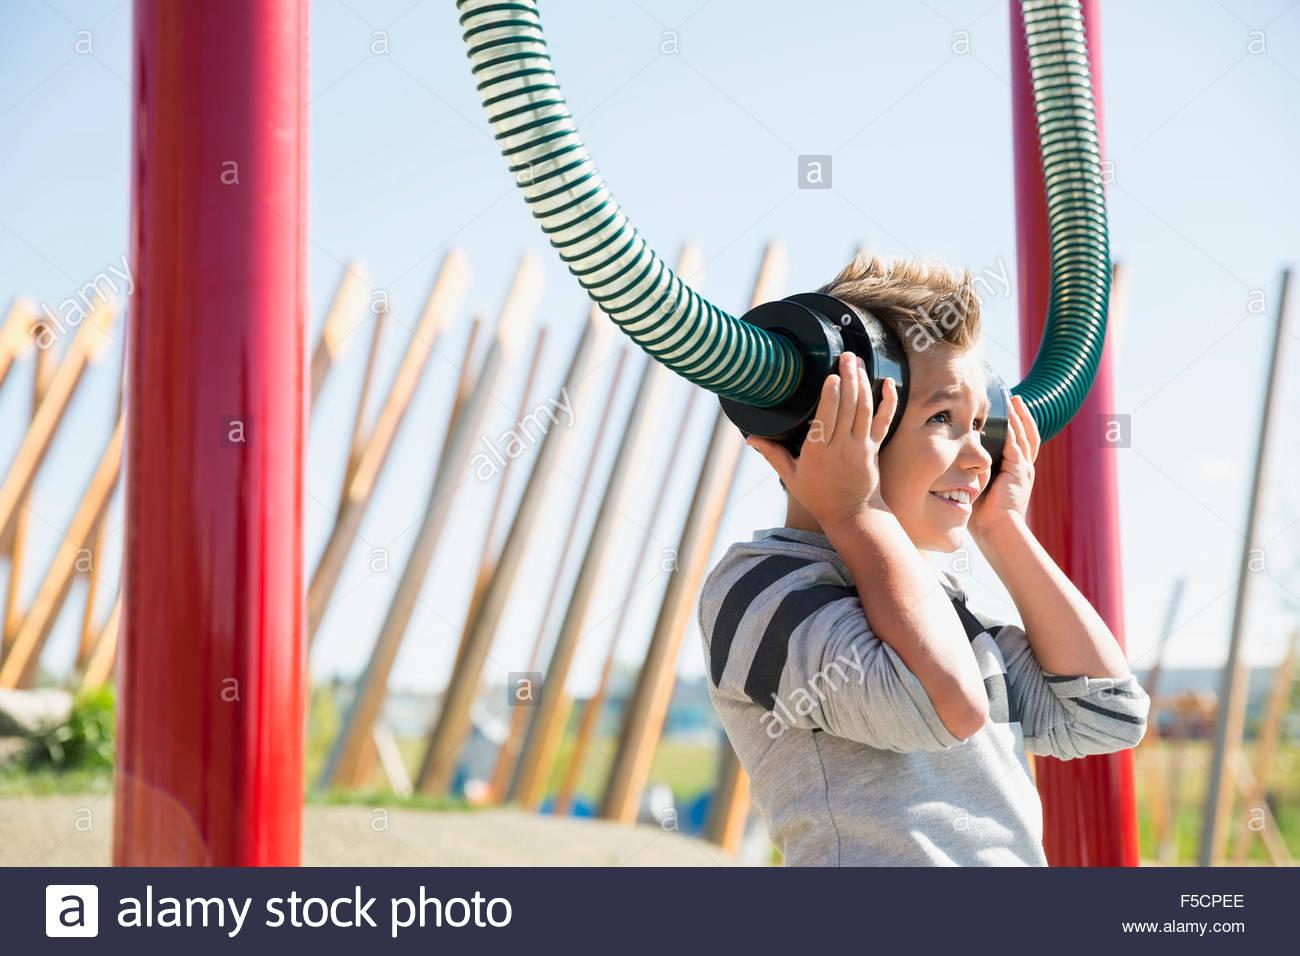 Jungen spielen hören Rohre im sonnigen Spielplatz Stockbild